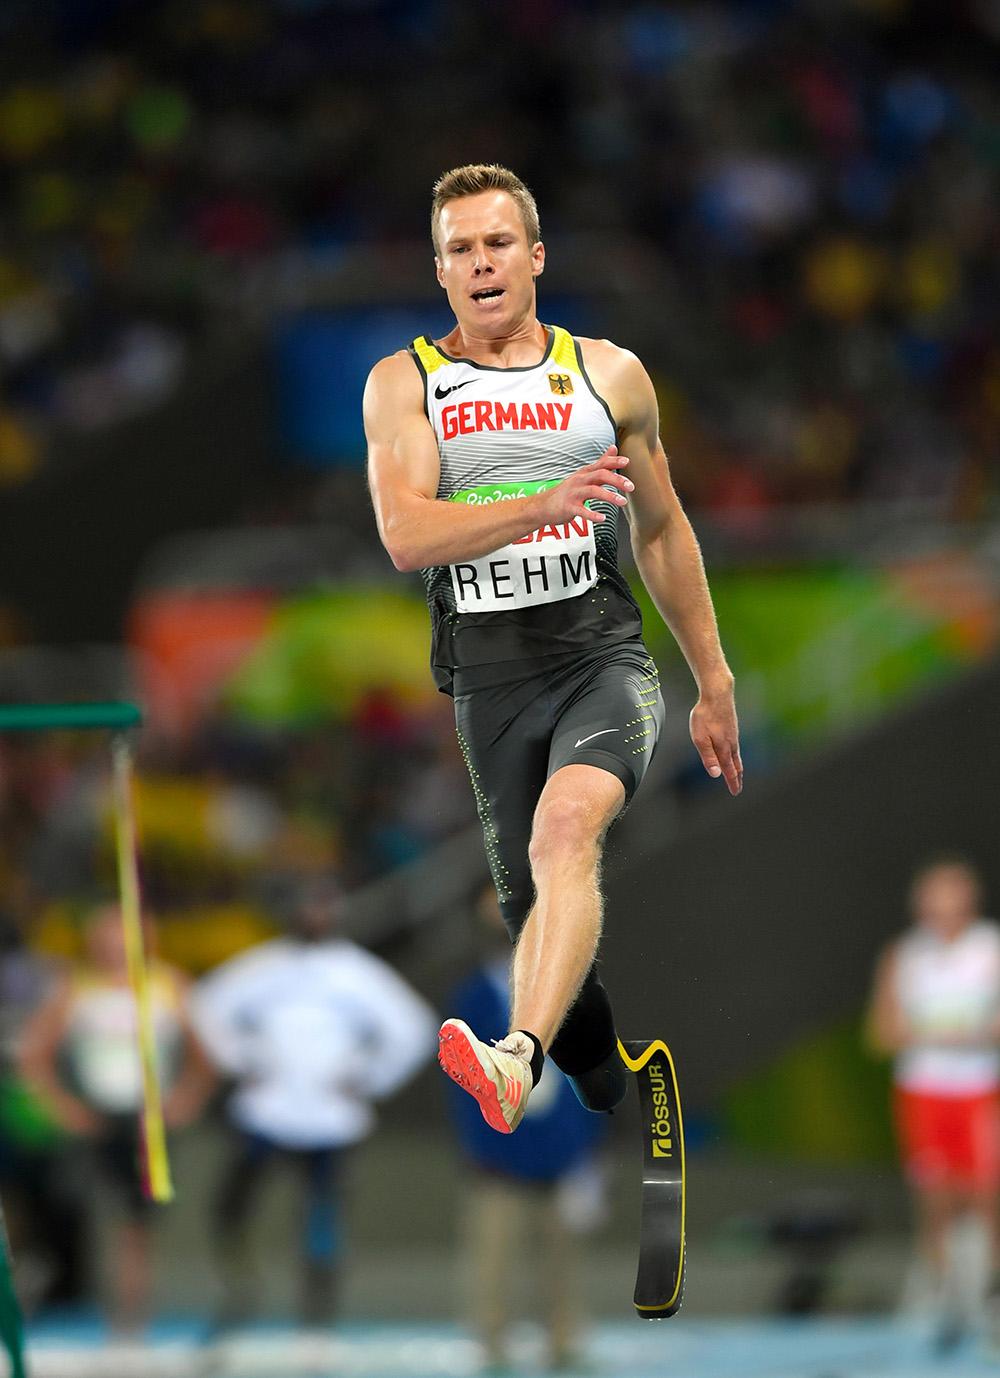 写真・図版 : パラリンピック記録を更新して優勝したマルクス・レーム選手=井手さゆり撮影